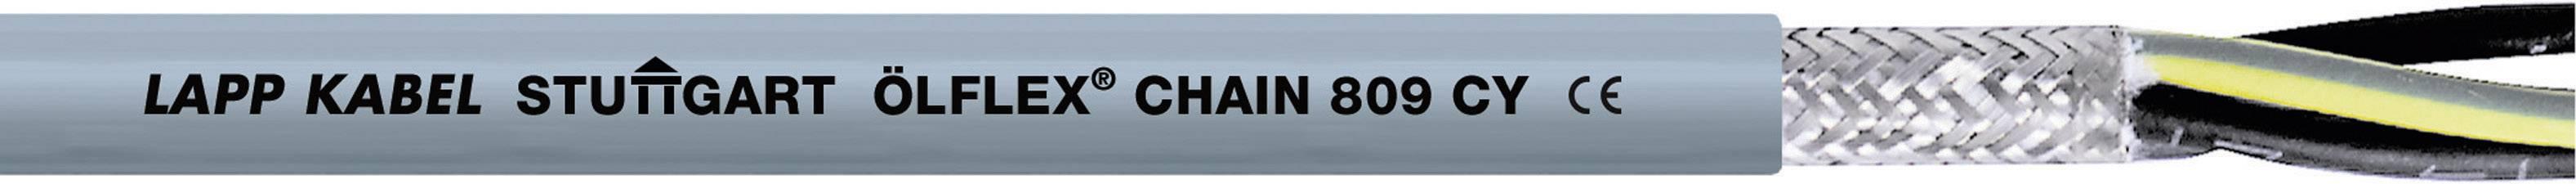 Žíla kabelu LappKabel ÖLFLEX CHAIN 809 CY 4G1,5 (1026777), 4x 1,5 mm², PVC, Ø 8,4 mm, stíněný, 100 m, šedá